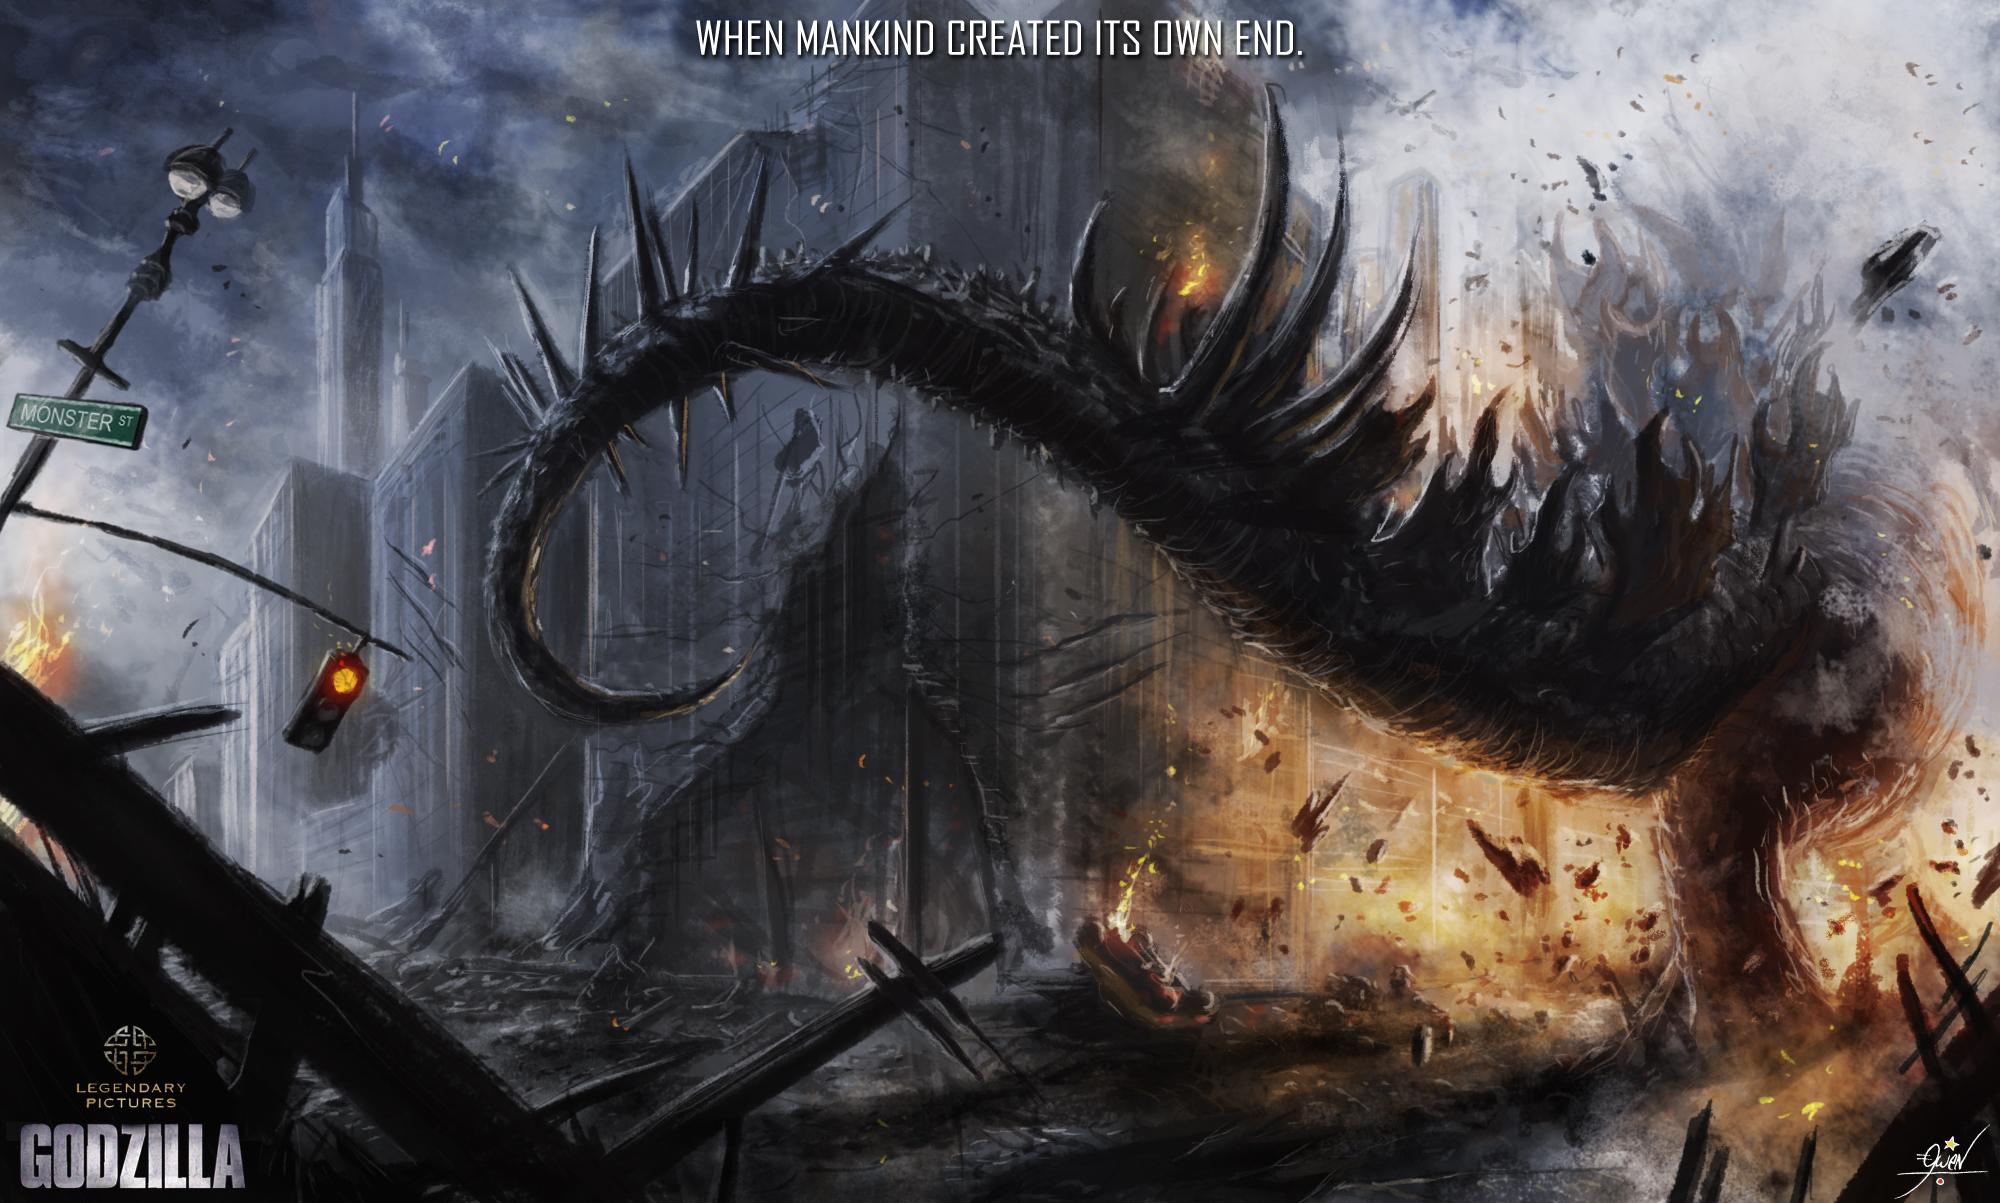 Godzilla 2014 Illustration Movie HD Wallpaper Godzilla 2014 2000x1203